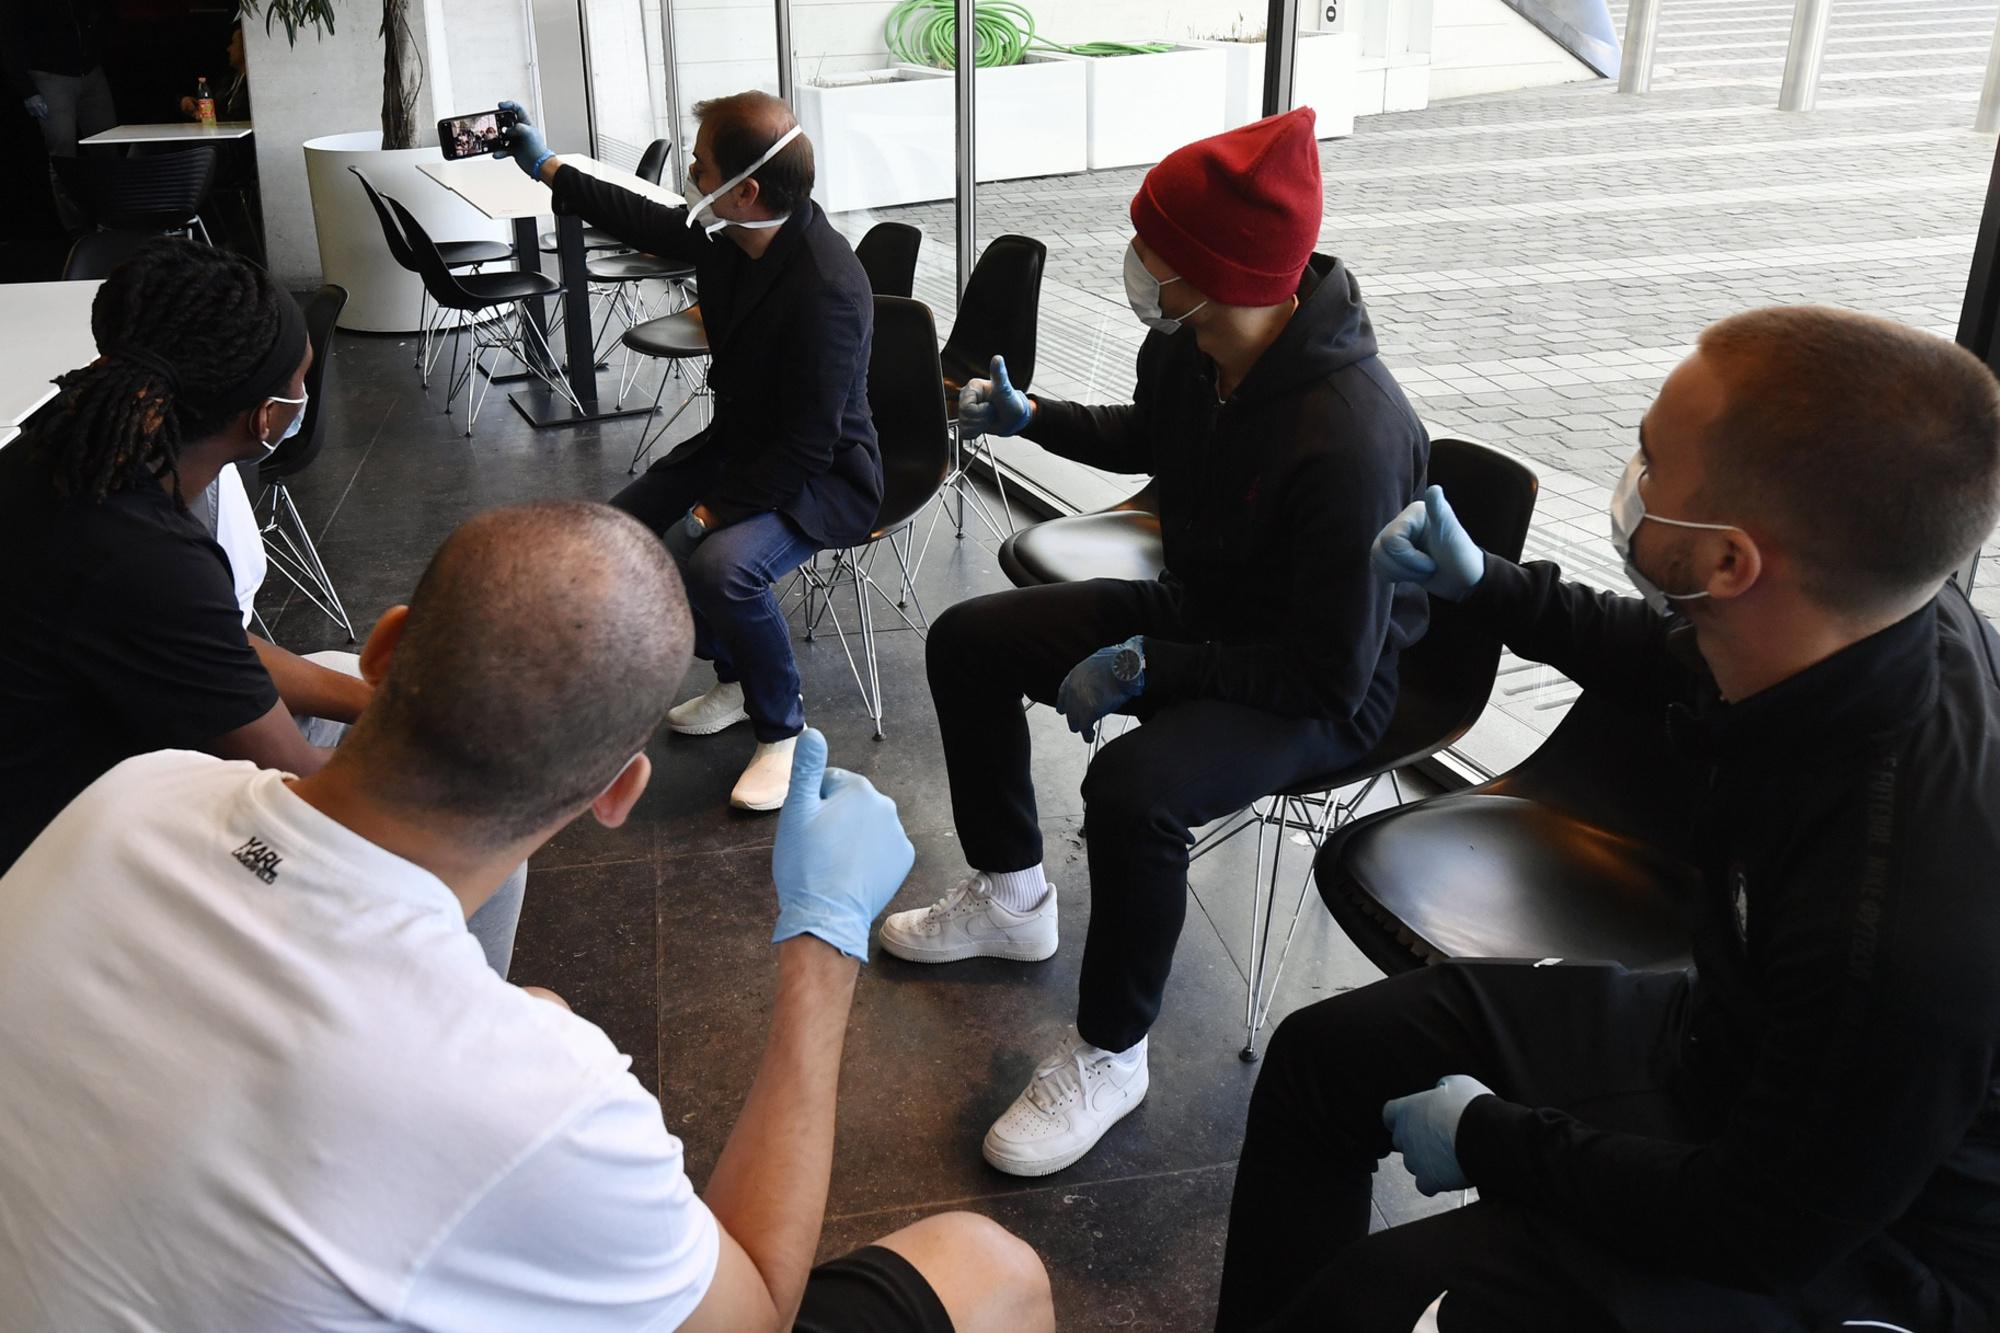 Mogi Bayat dégaine la machine à selfies pour immortaliser l'action des Souliers du coeur à Liège., BELGA / Eric Lalmand